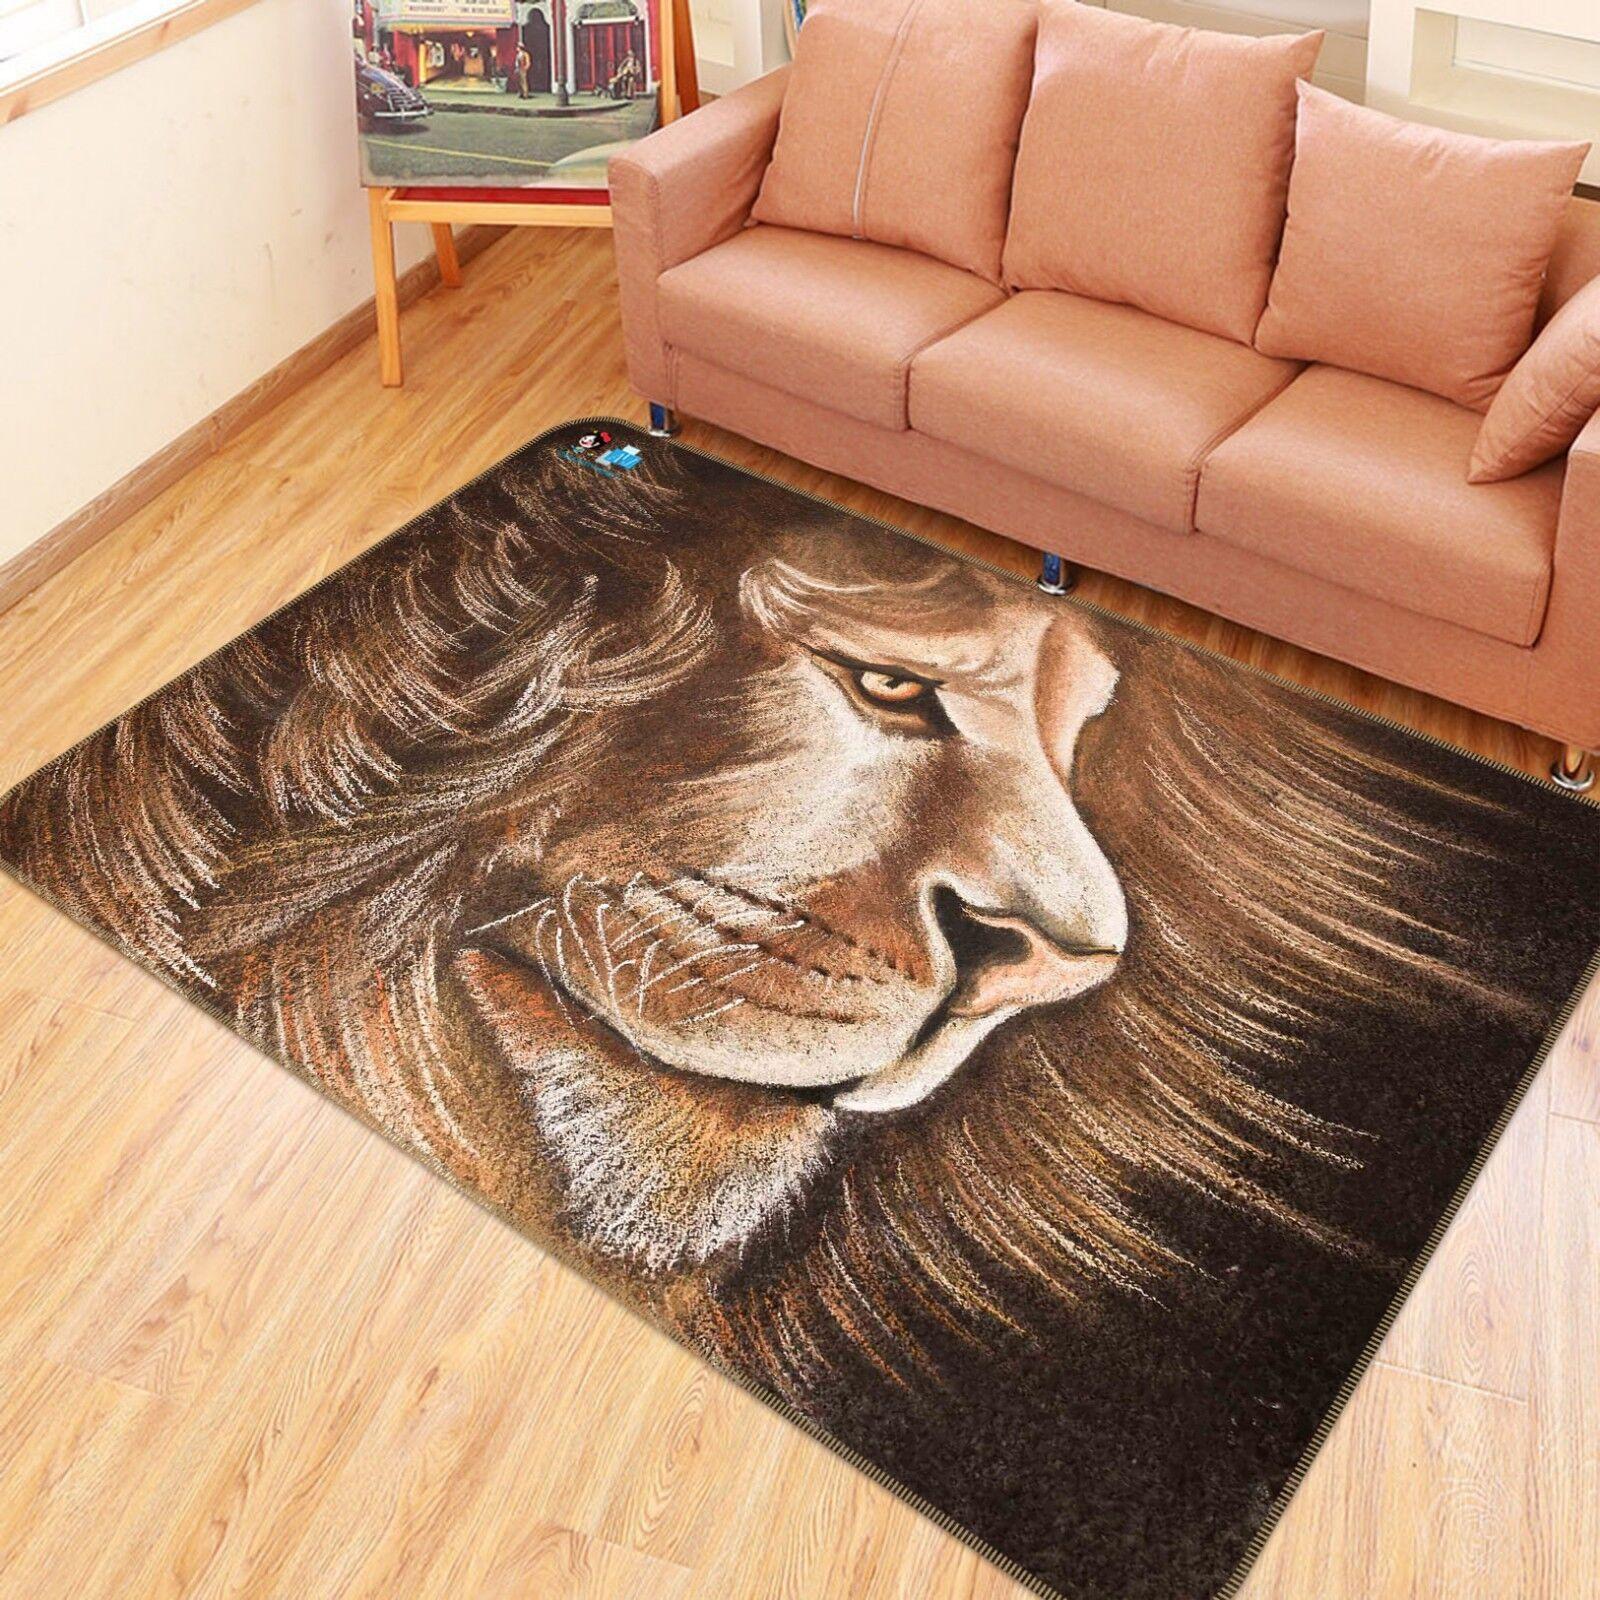 3D Carino Leone disegnare 442 tappetino antiscivolo tappeto camera Tappetino Qualità Elegante foto Tappeto UK